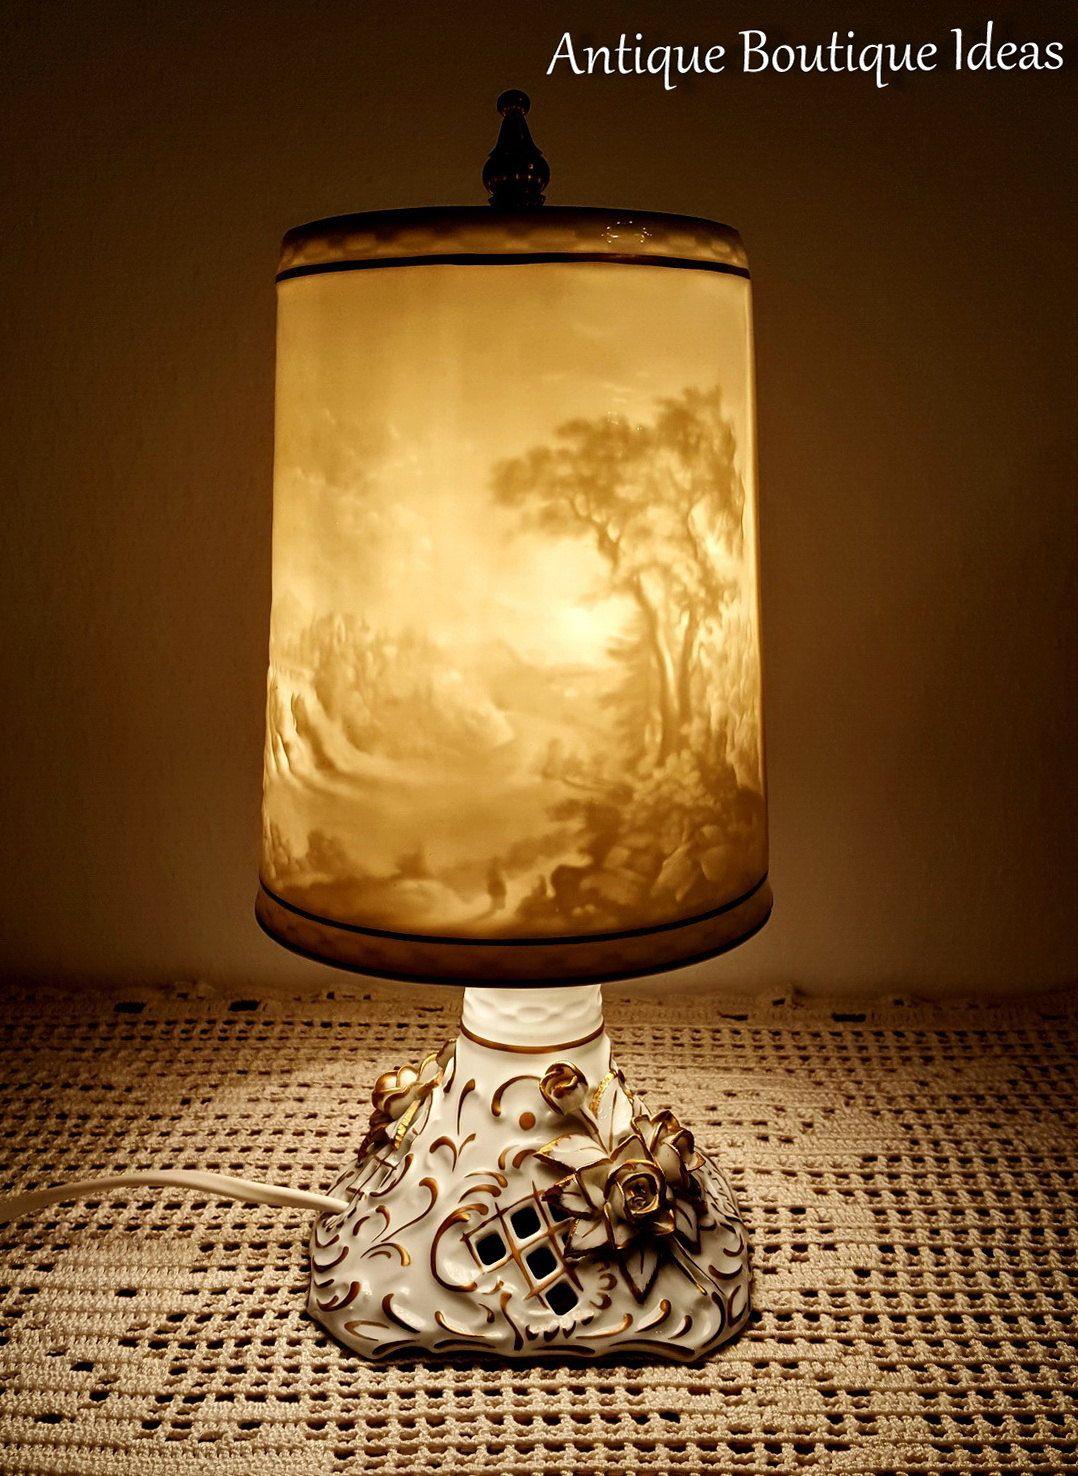 Unique Vintage Lithophane Lamp Bedside Table Lamp Vintage Plaue Lithophanie Shades German Porcelain By Antique Table Lamps Bronze Table Lamp Vintage Table Lamp